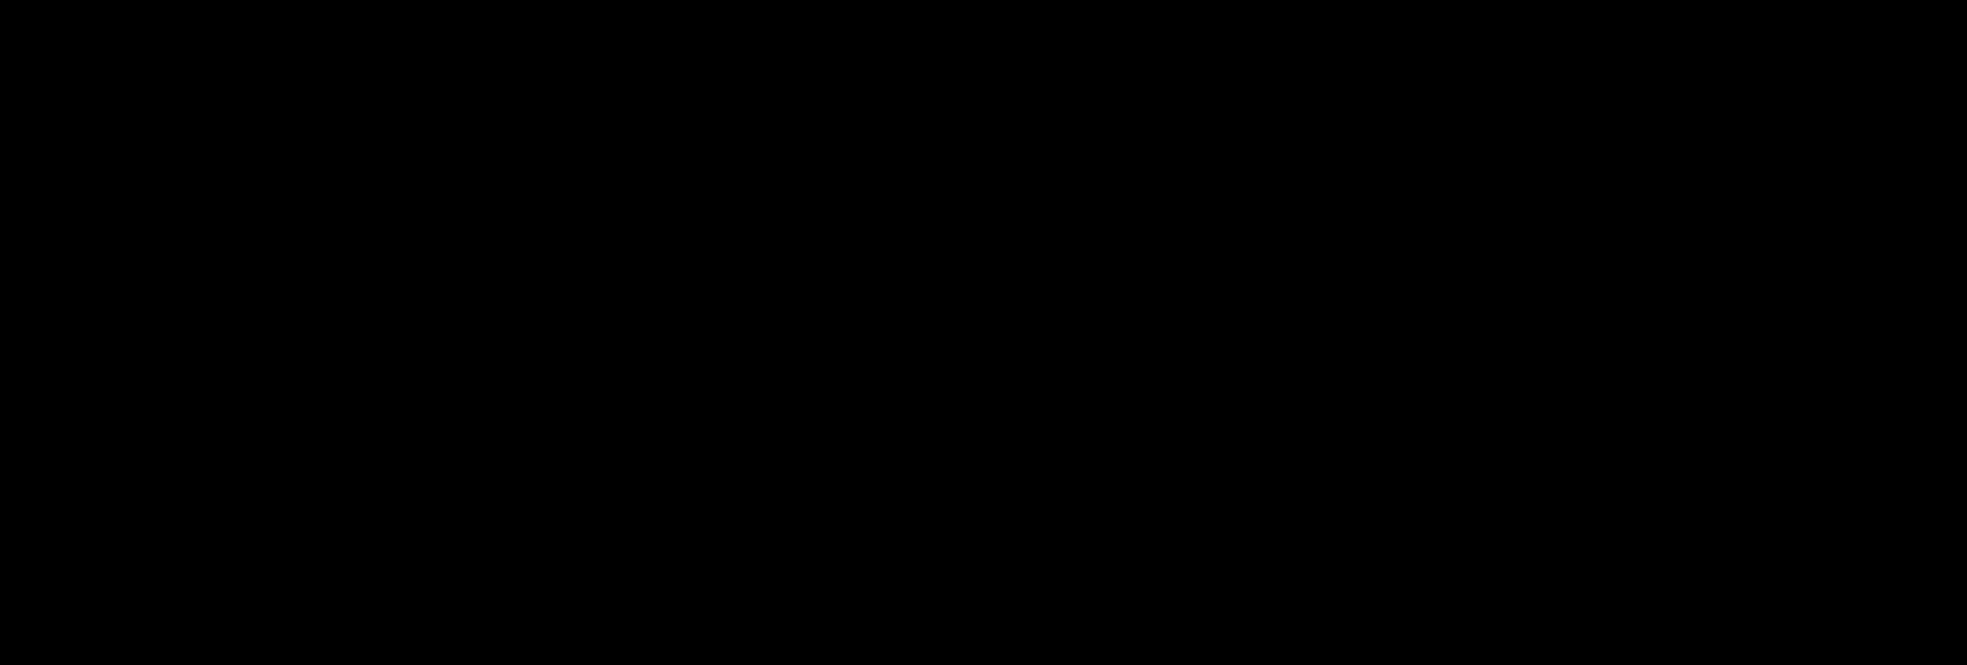 Lithium Aluminum Hydride (Pellets)